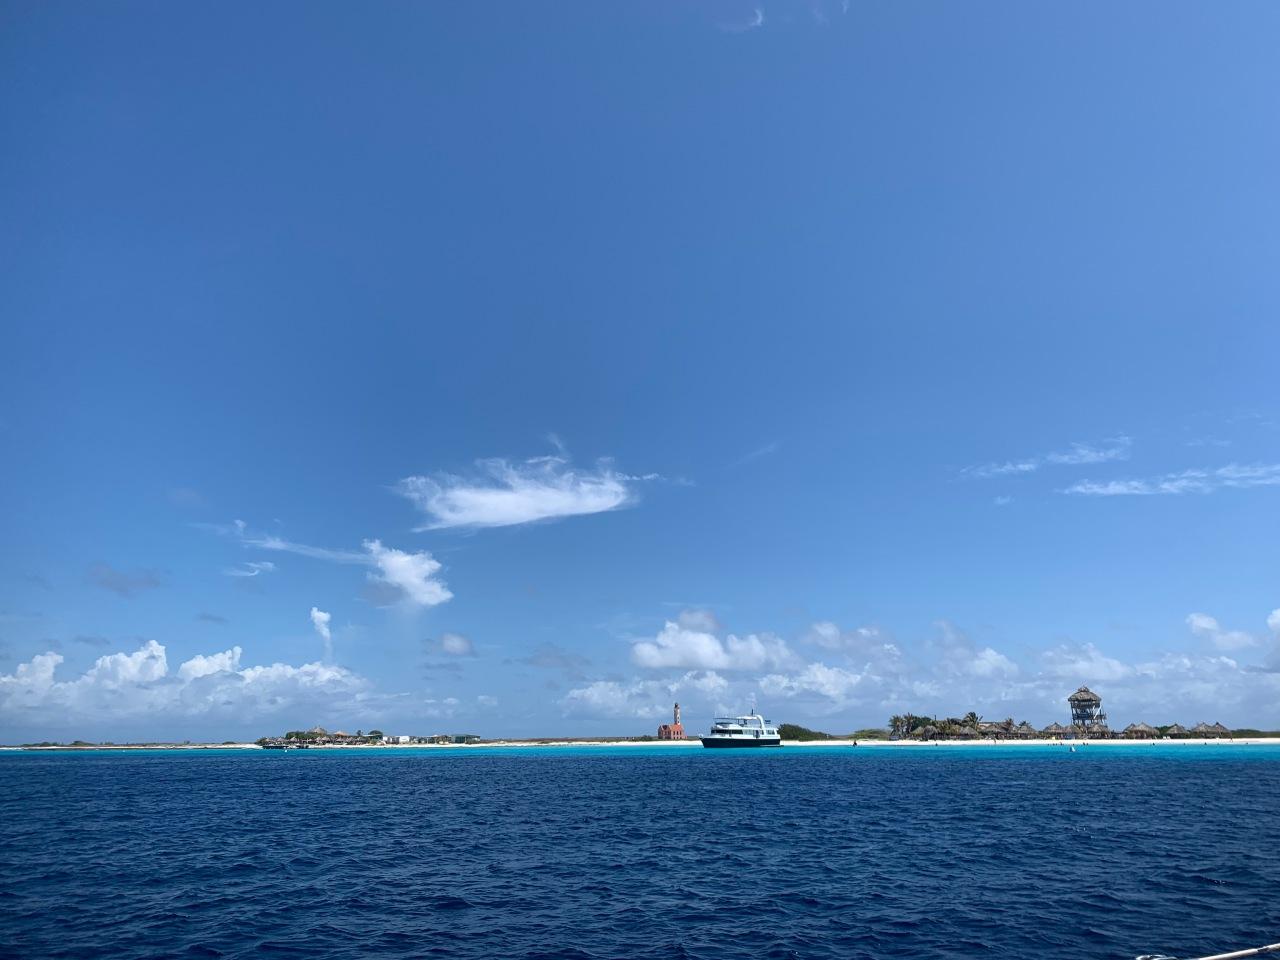 Klein Curacao coast